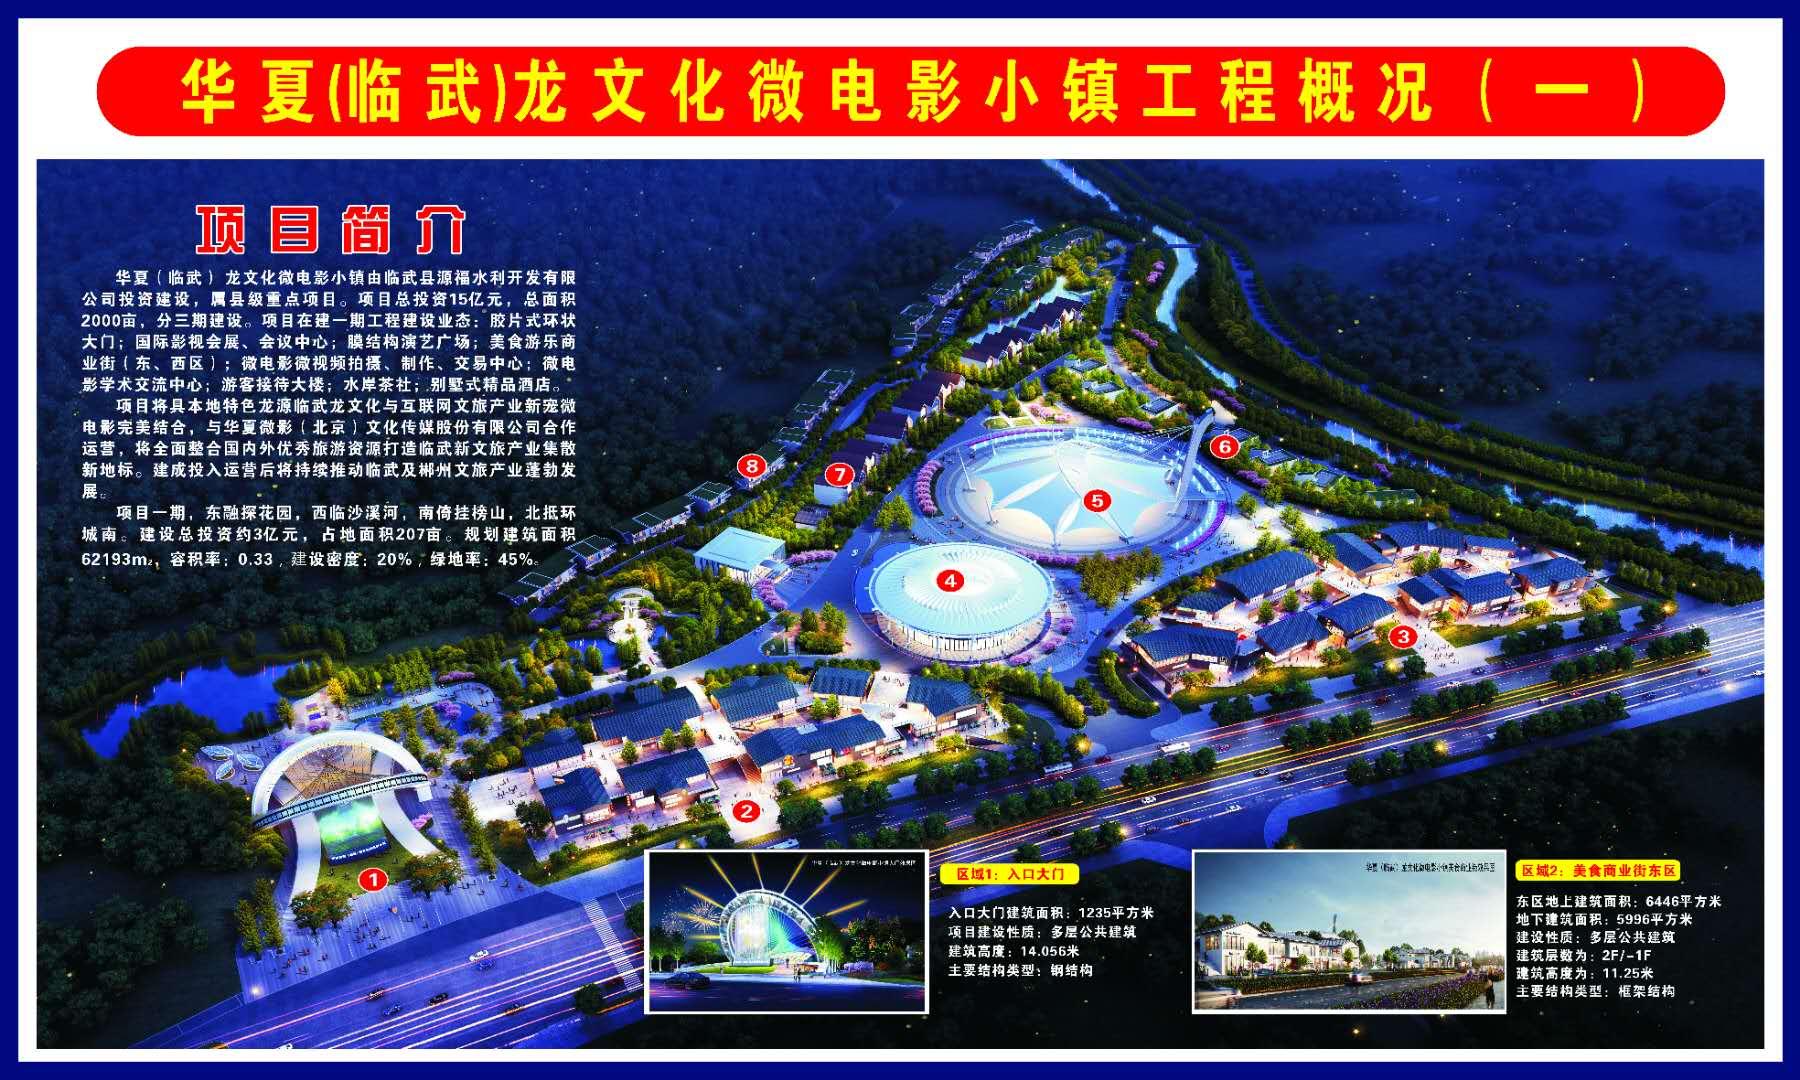 華夏(臨武)龍文化微電影小鎮建設項目